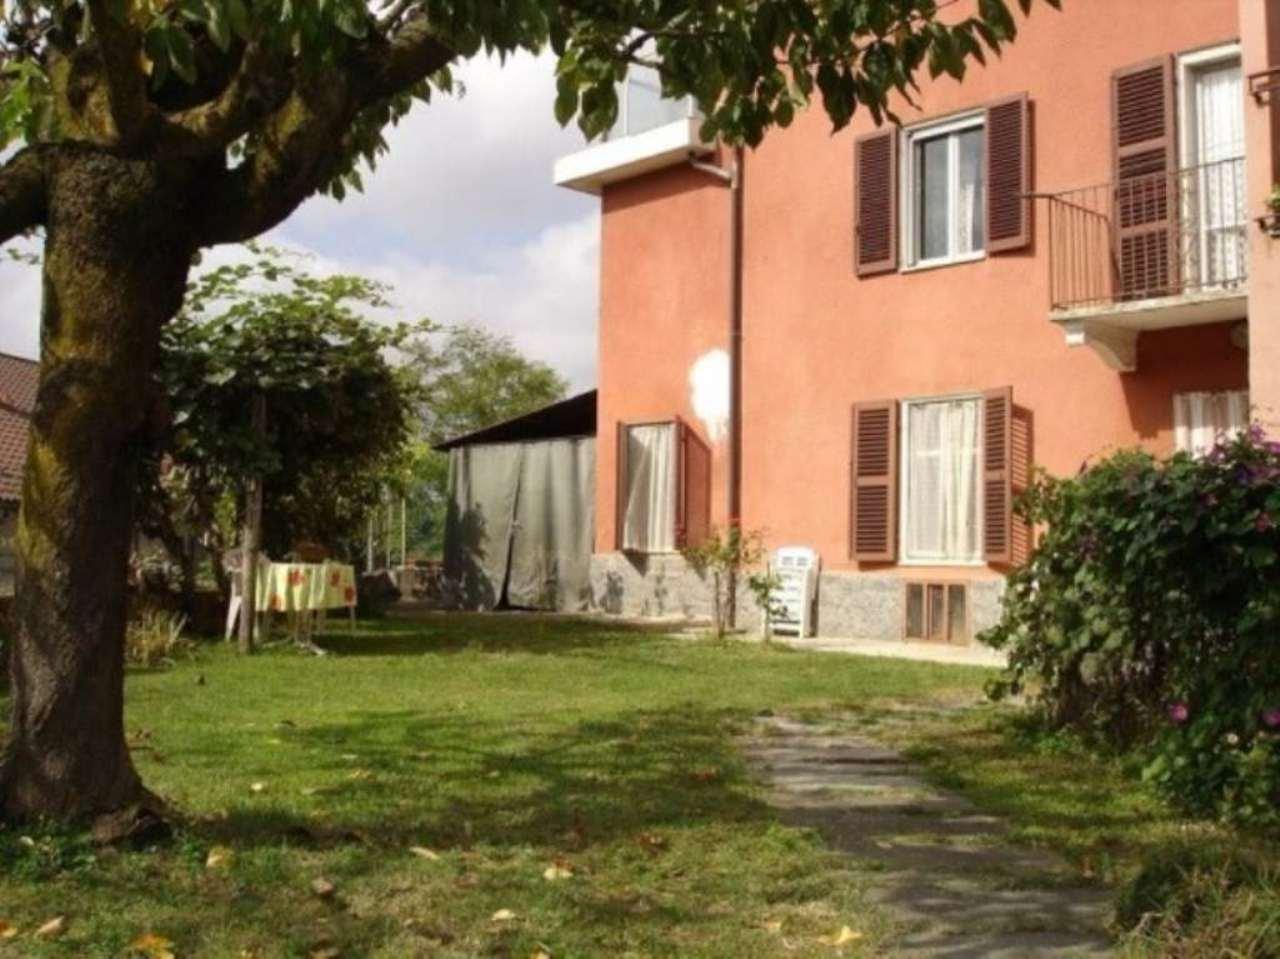 Soluzione Indipendente in vendita a Capriglio, 3 locali, prezzo € 98.000 | Cambio Casa.it